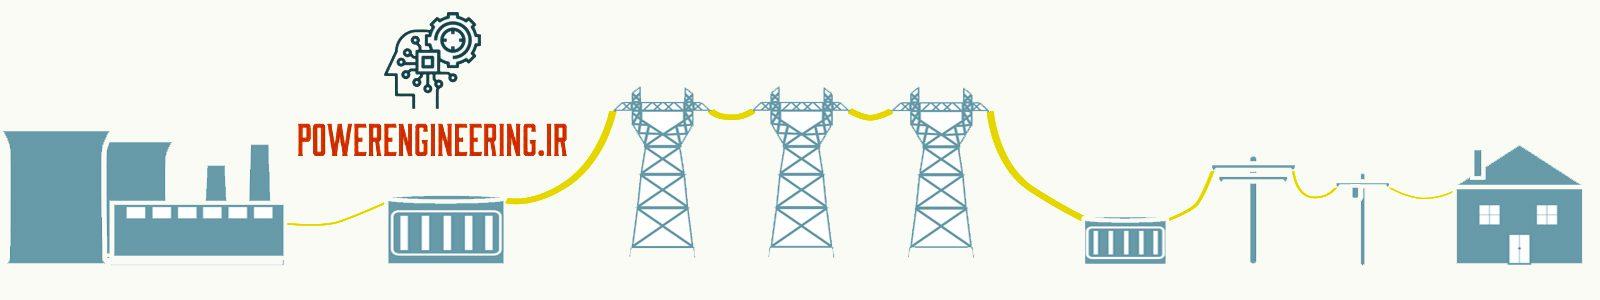 وبسایت جامع مهندسی برق